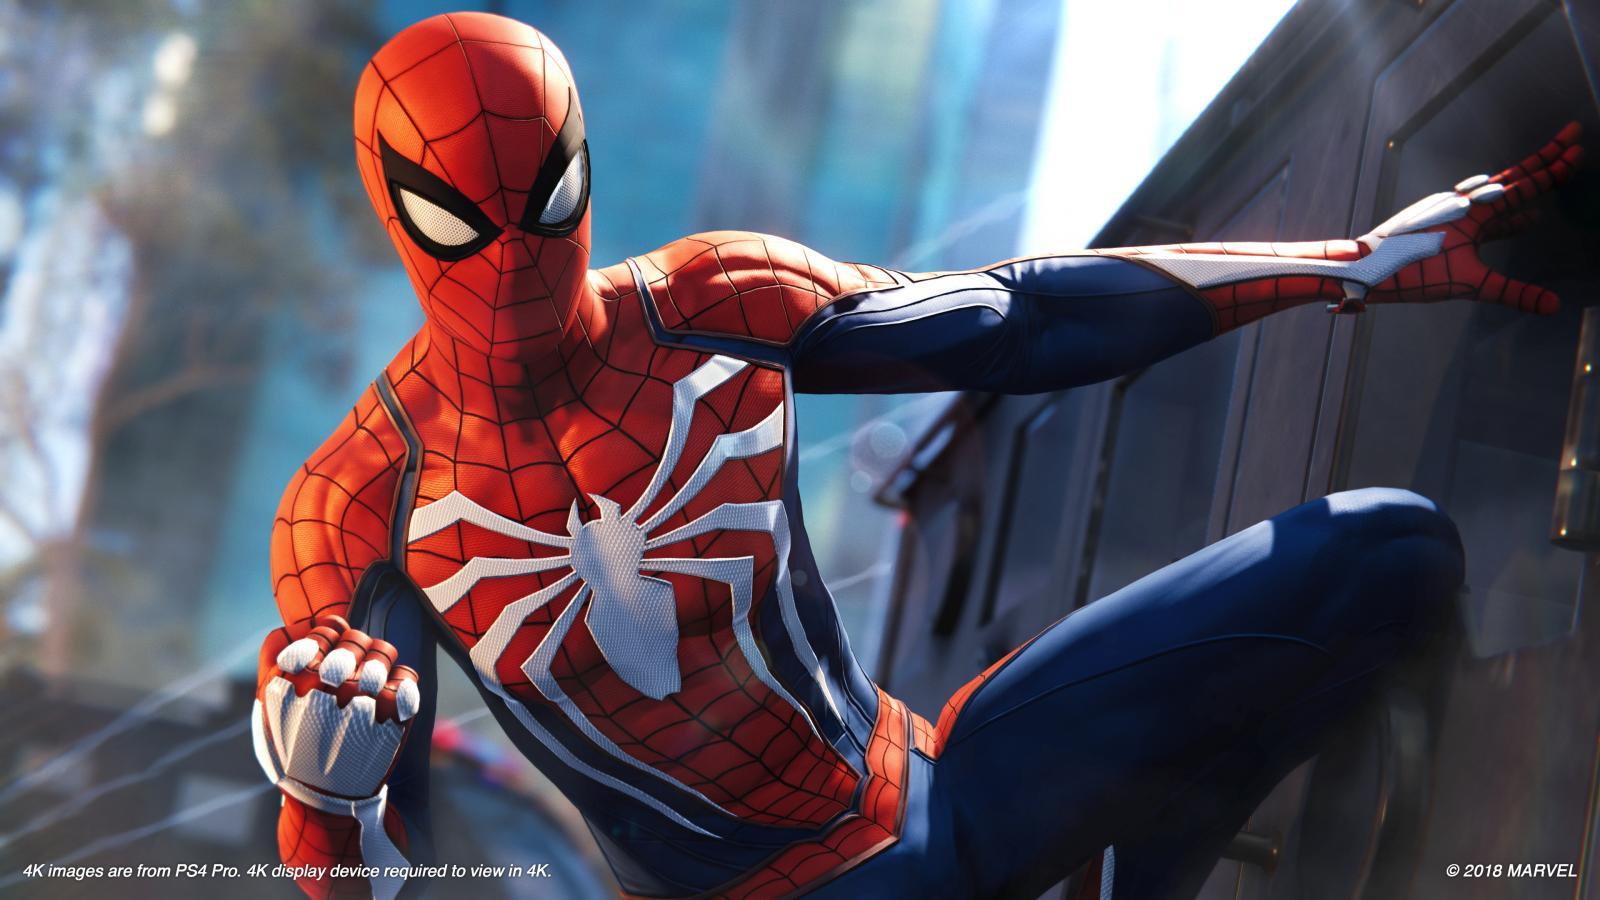 军事资讯_PS4独占大作《漫威蜘蛛侠》通关时间不用一天_凤凰网游戏